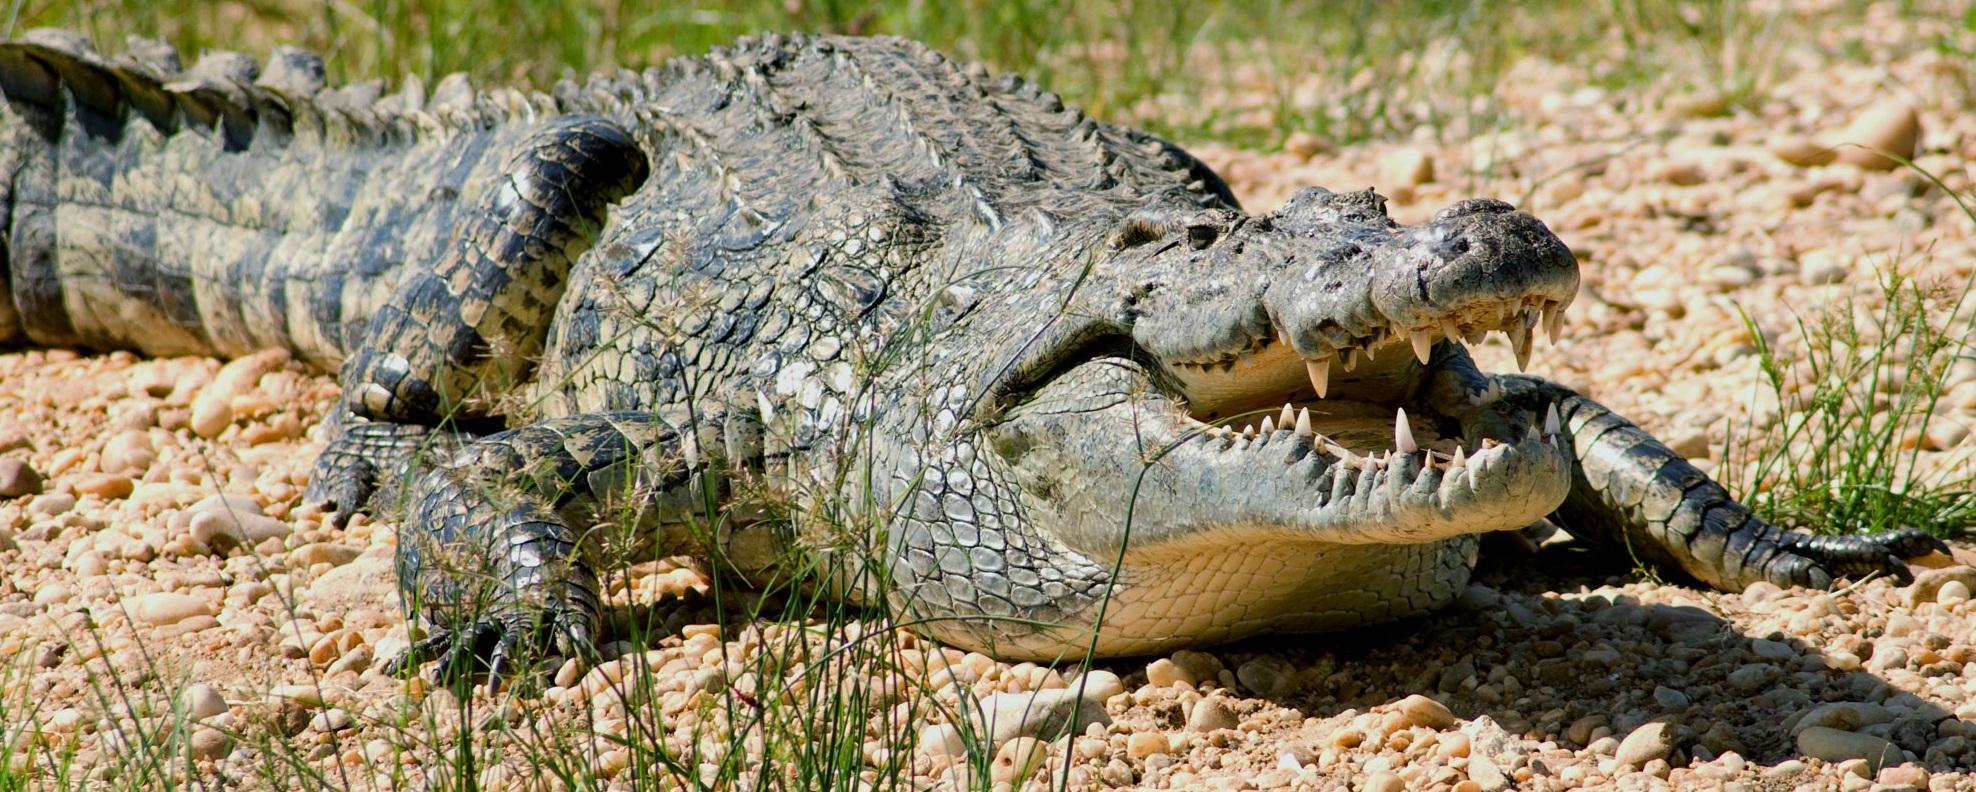 Среди древних крокодилов нашлись вегетарианцы